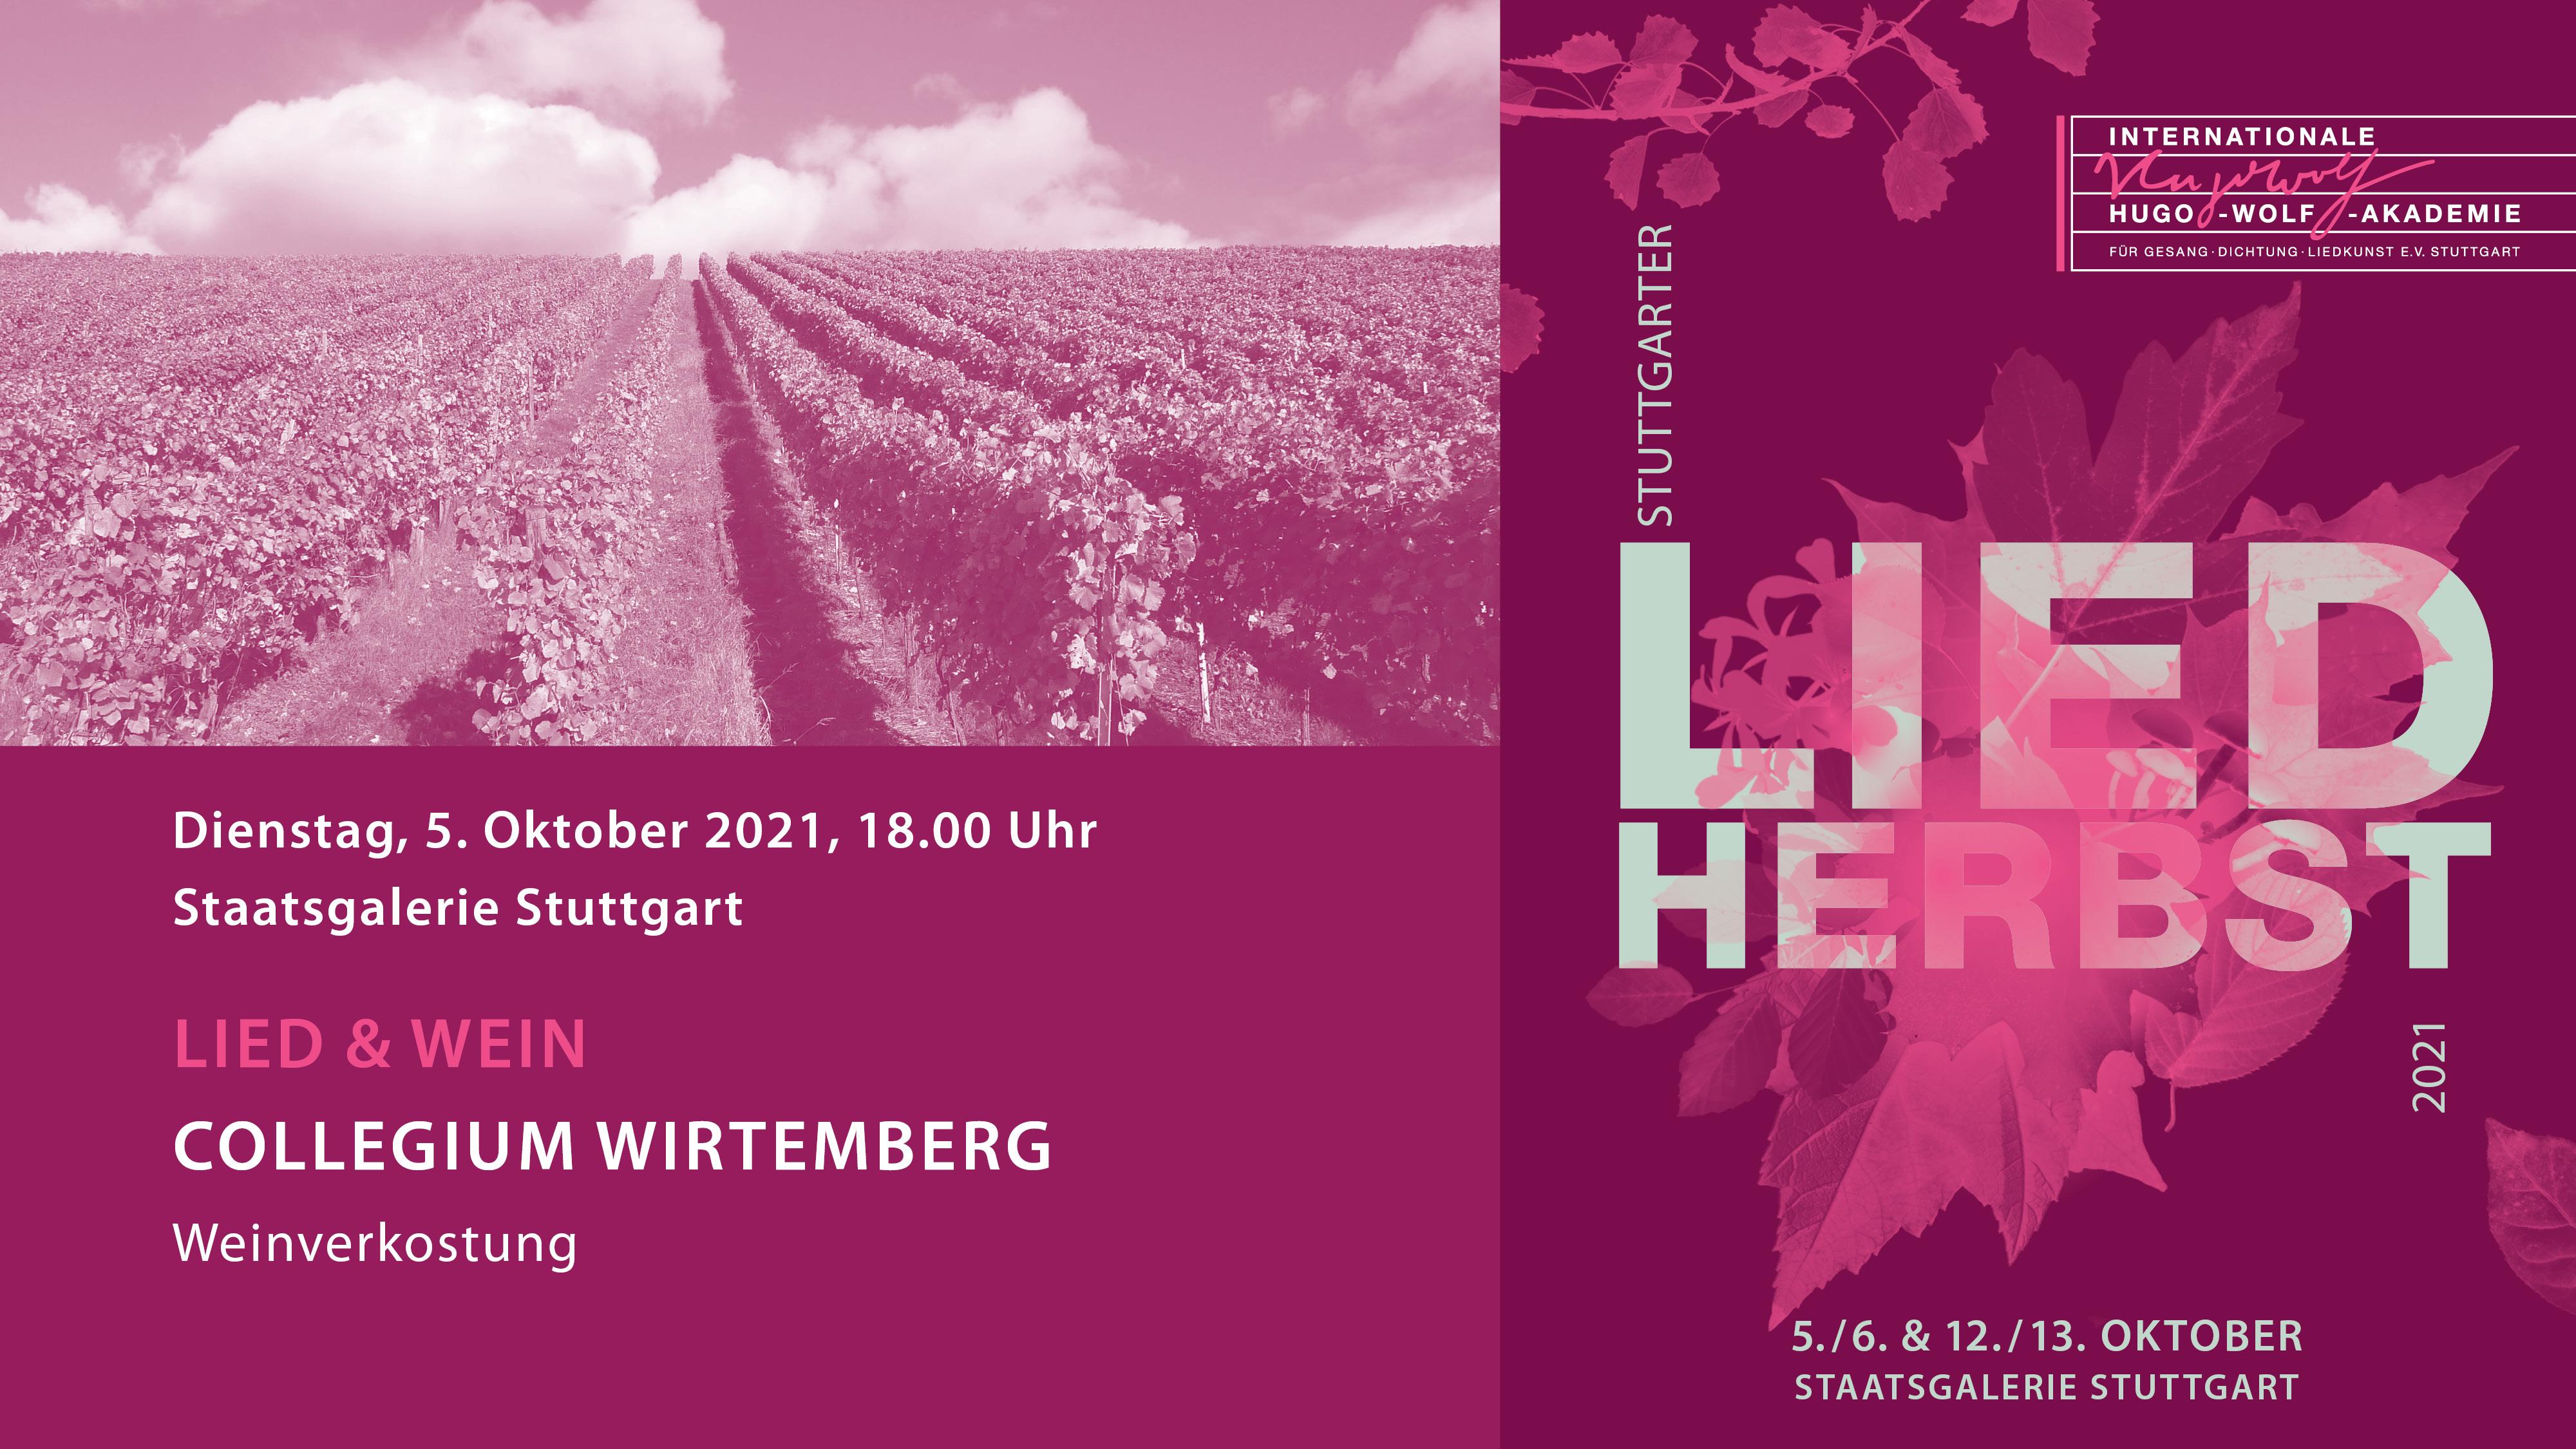 LiedHERBST: Lied & Wein I